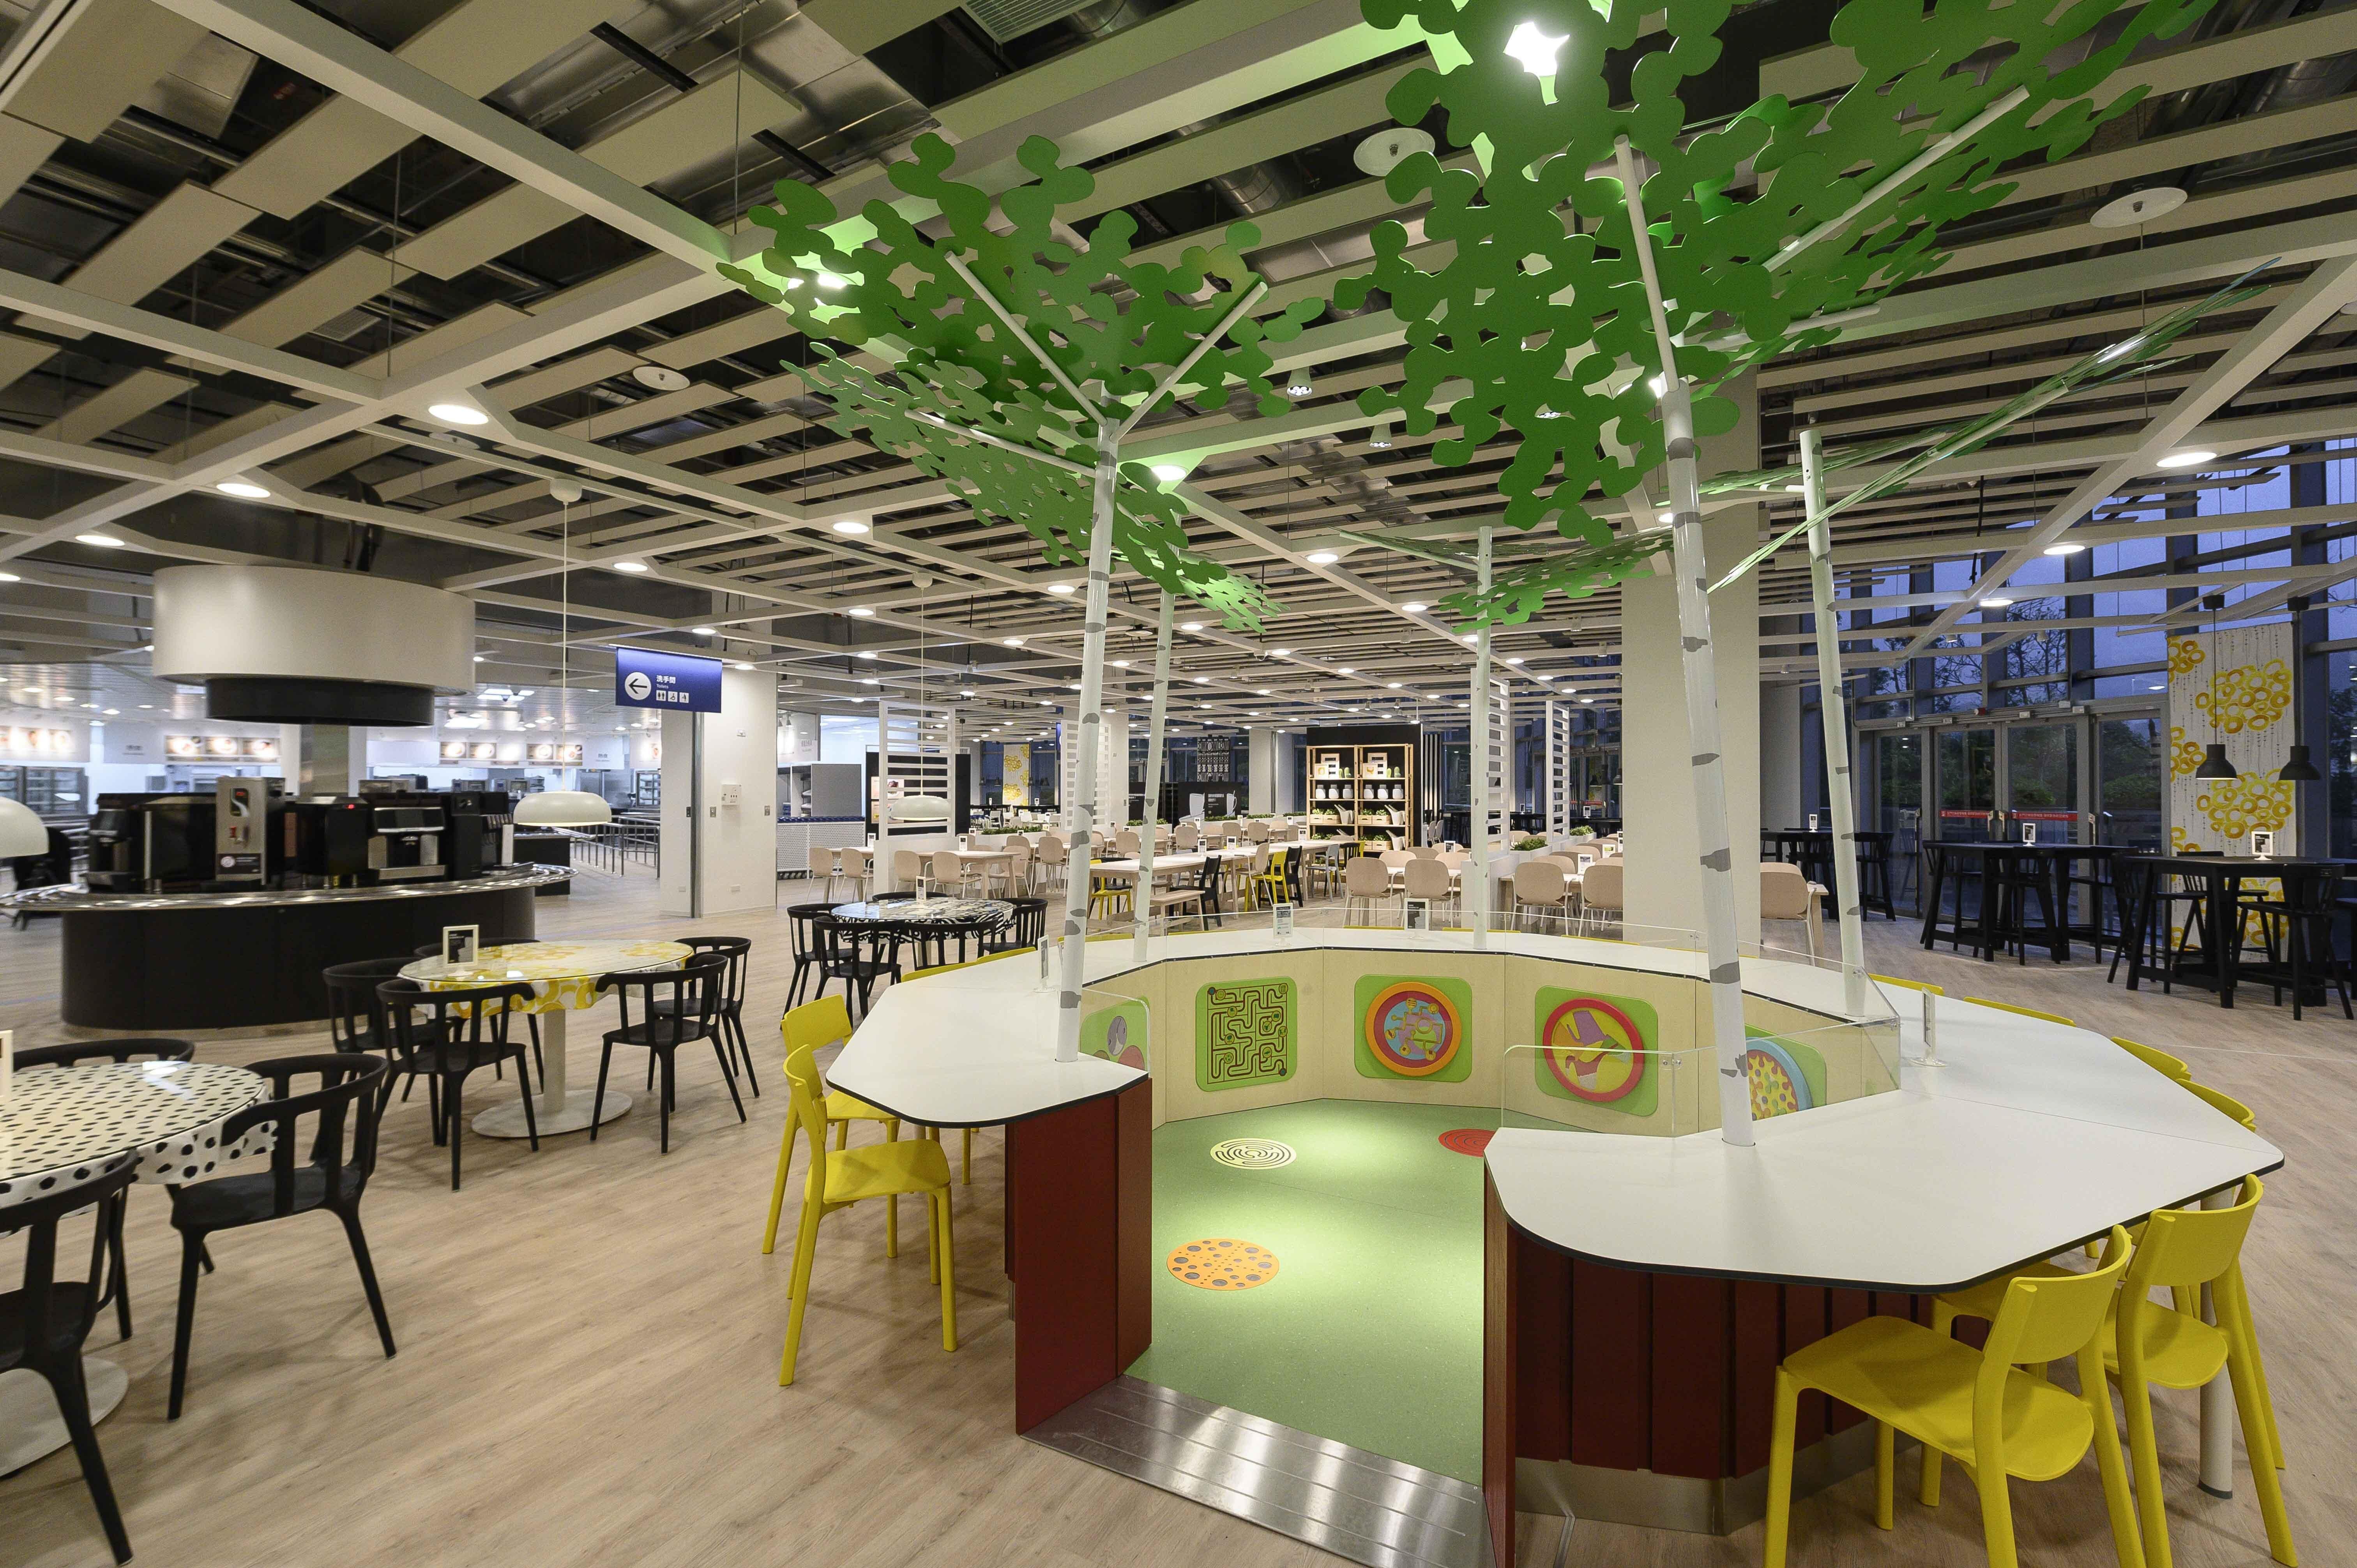 ▲餐廳中間設置遊戲區,孩子可在其中玩耍,家長可以一邊看的孩子一邊安心用餐。廠商提供